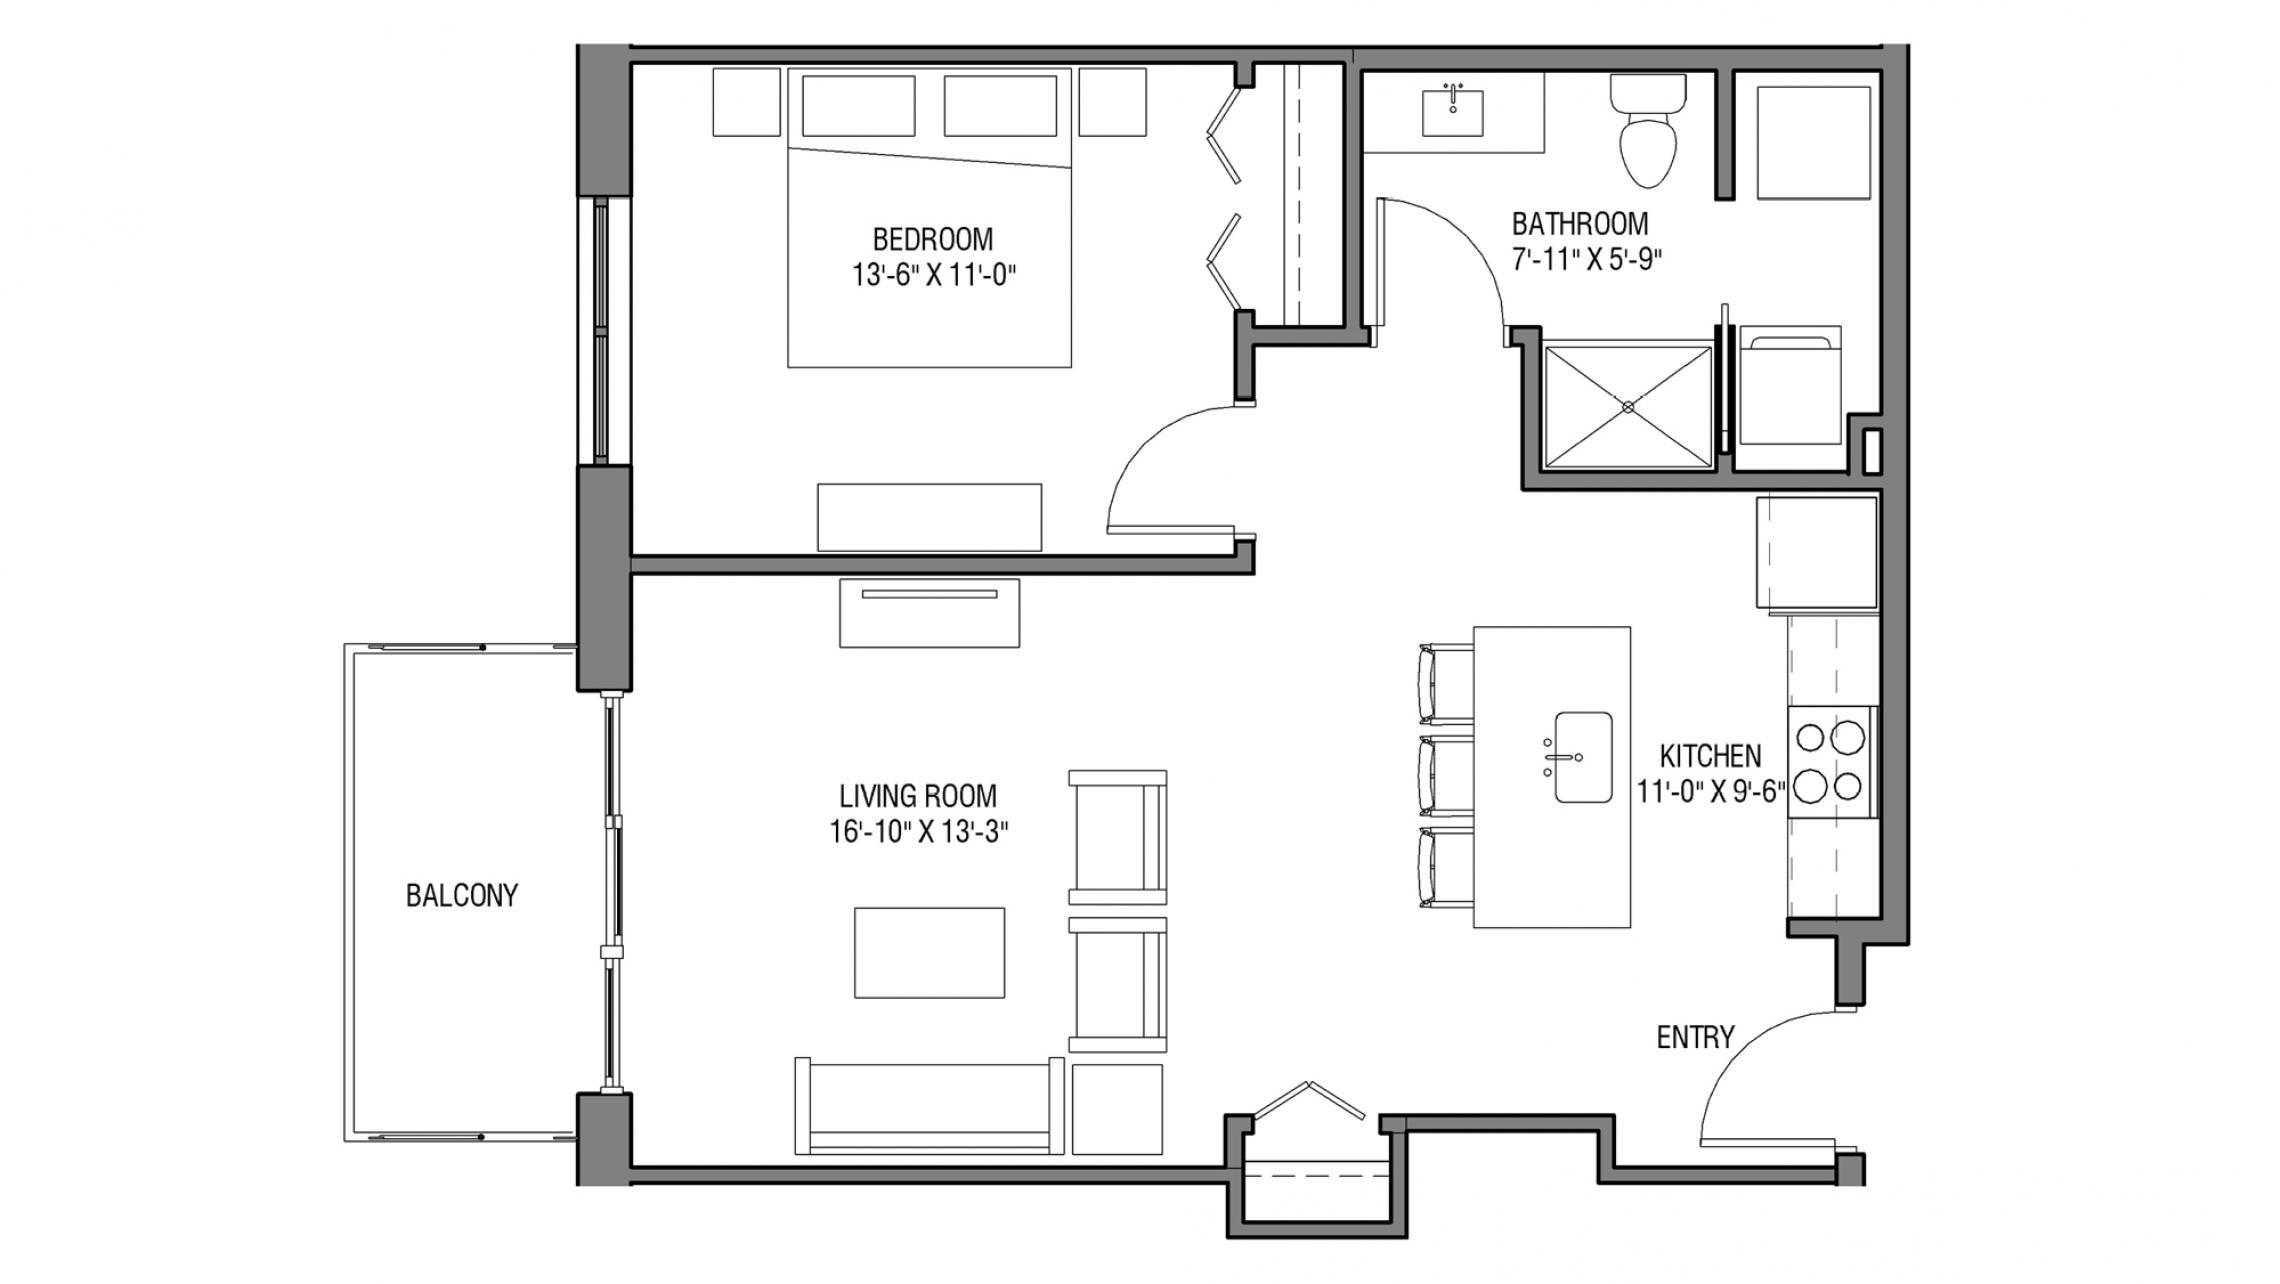 ULI Nine Line 216 - One Bedroom, One Bathroom